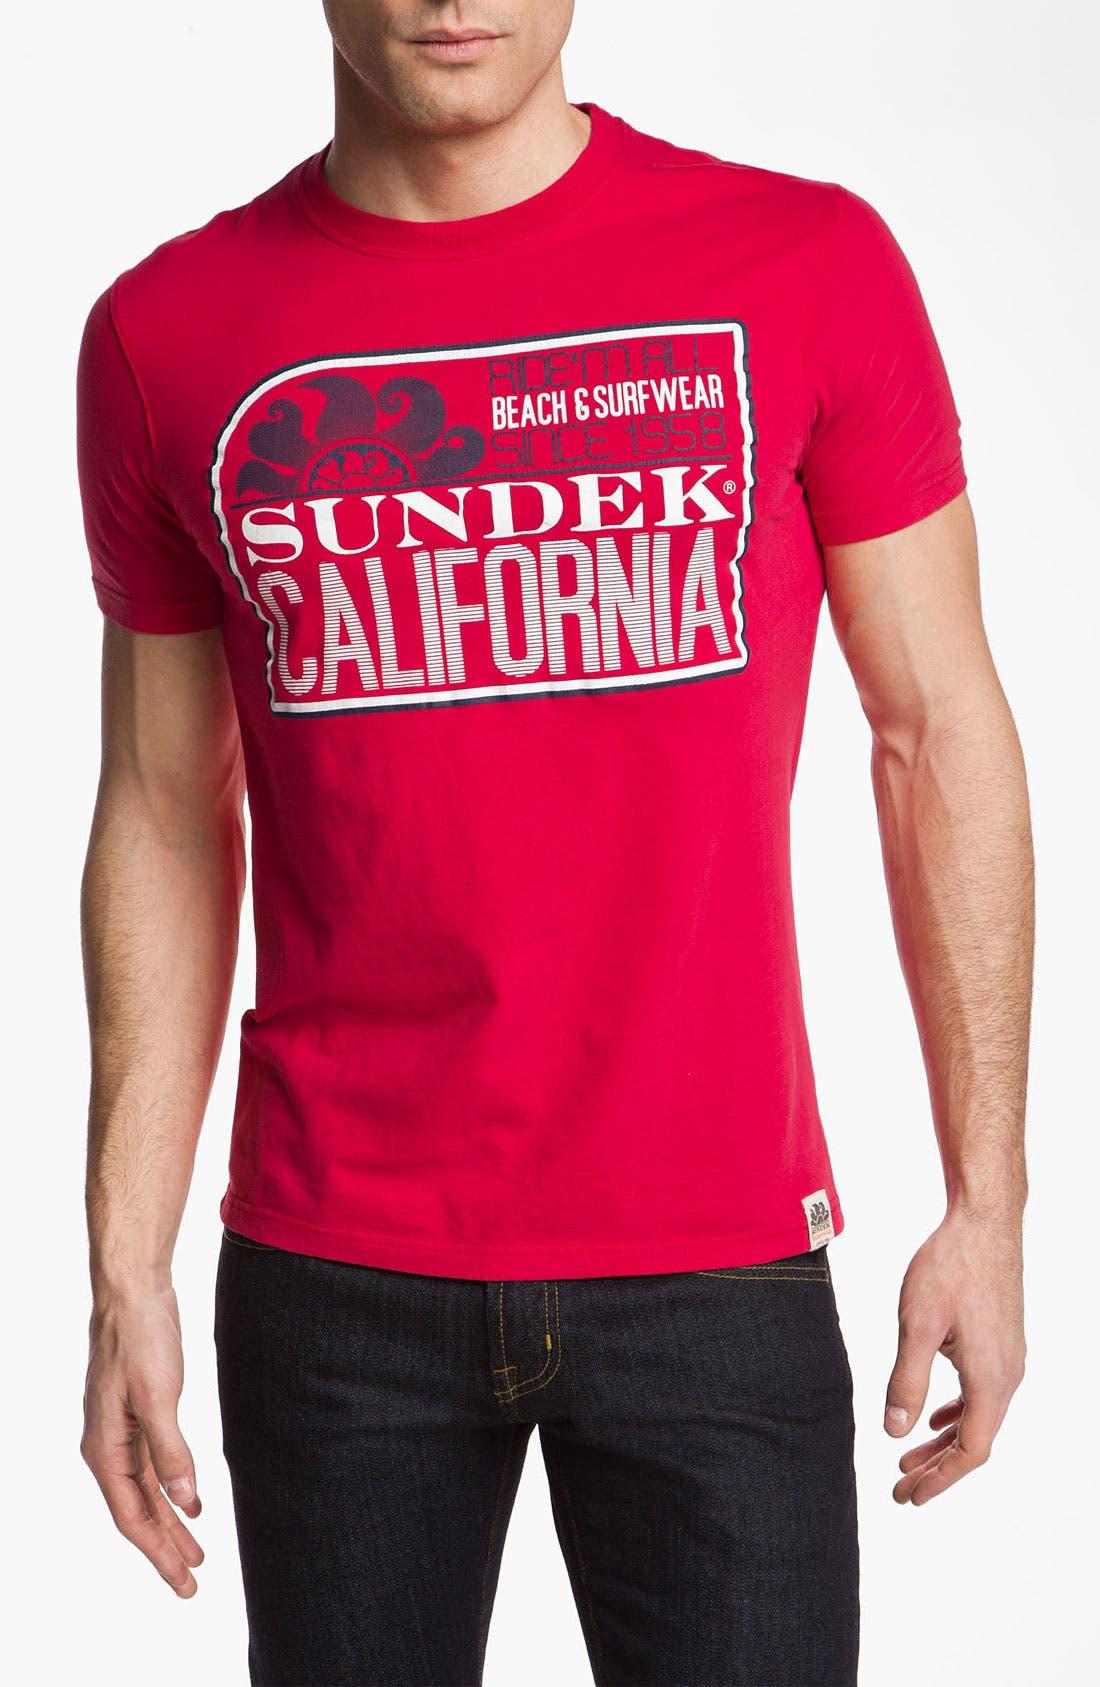 Alternate Image 1 Selected - Sundek 'California' T-Shirt (Online Only)